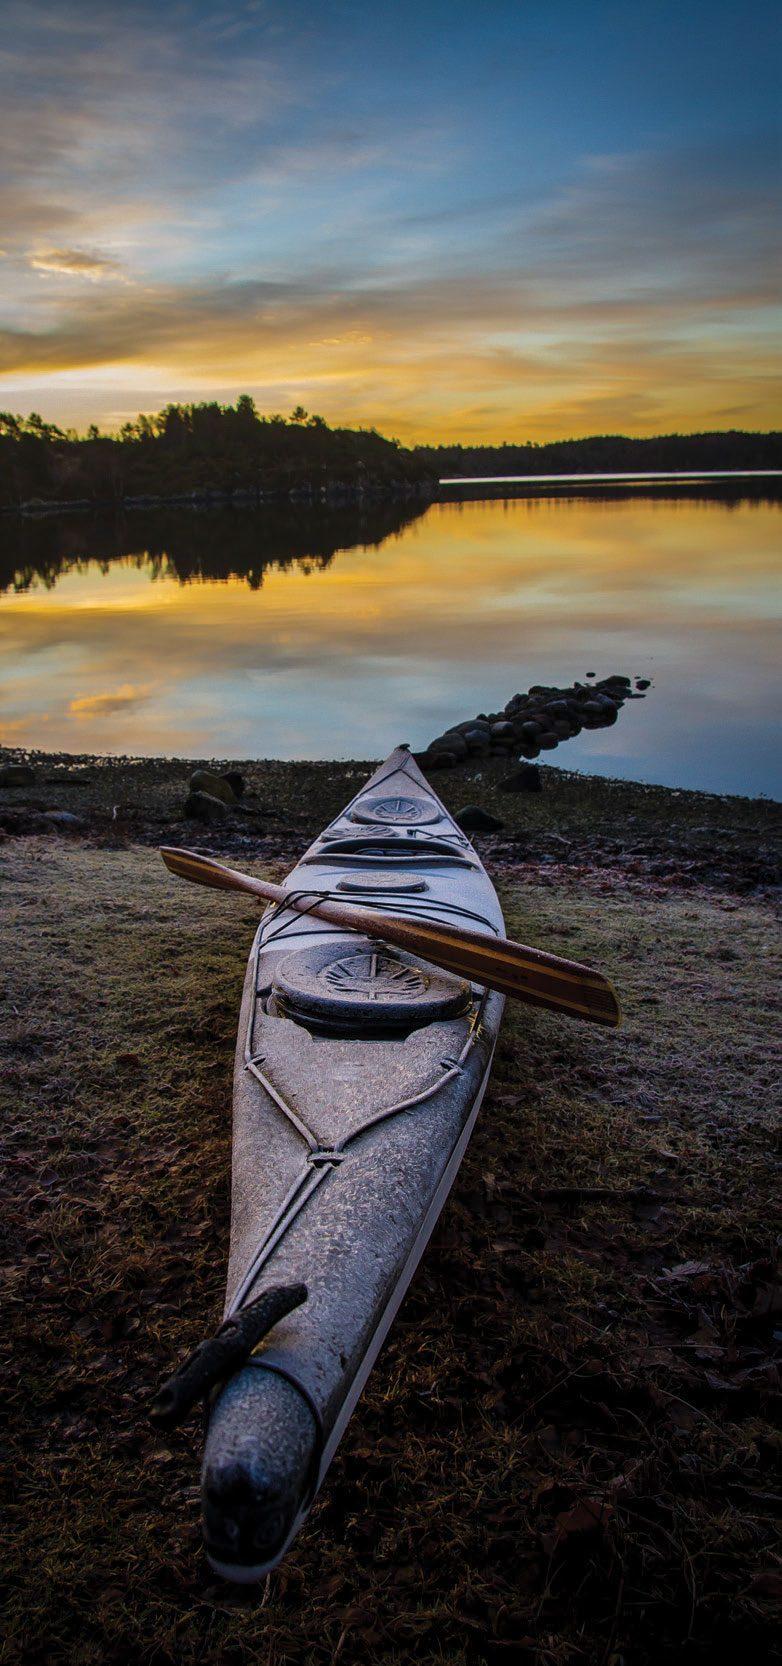 Morgenen bød på et flott lag med rim på både båt og åre. Det tok heldigvis ikke så lang tid før solen tinte det bort, og tanken på å komme seg utpå ble litt lettere.